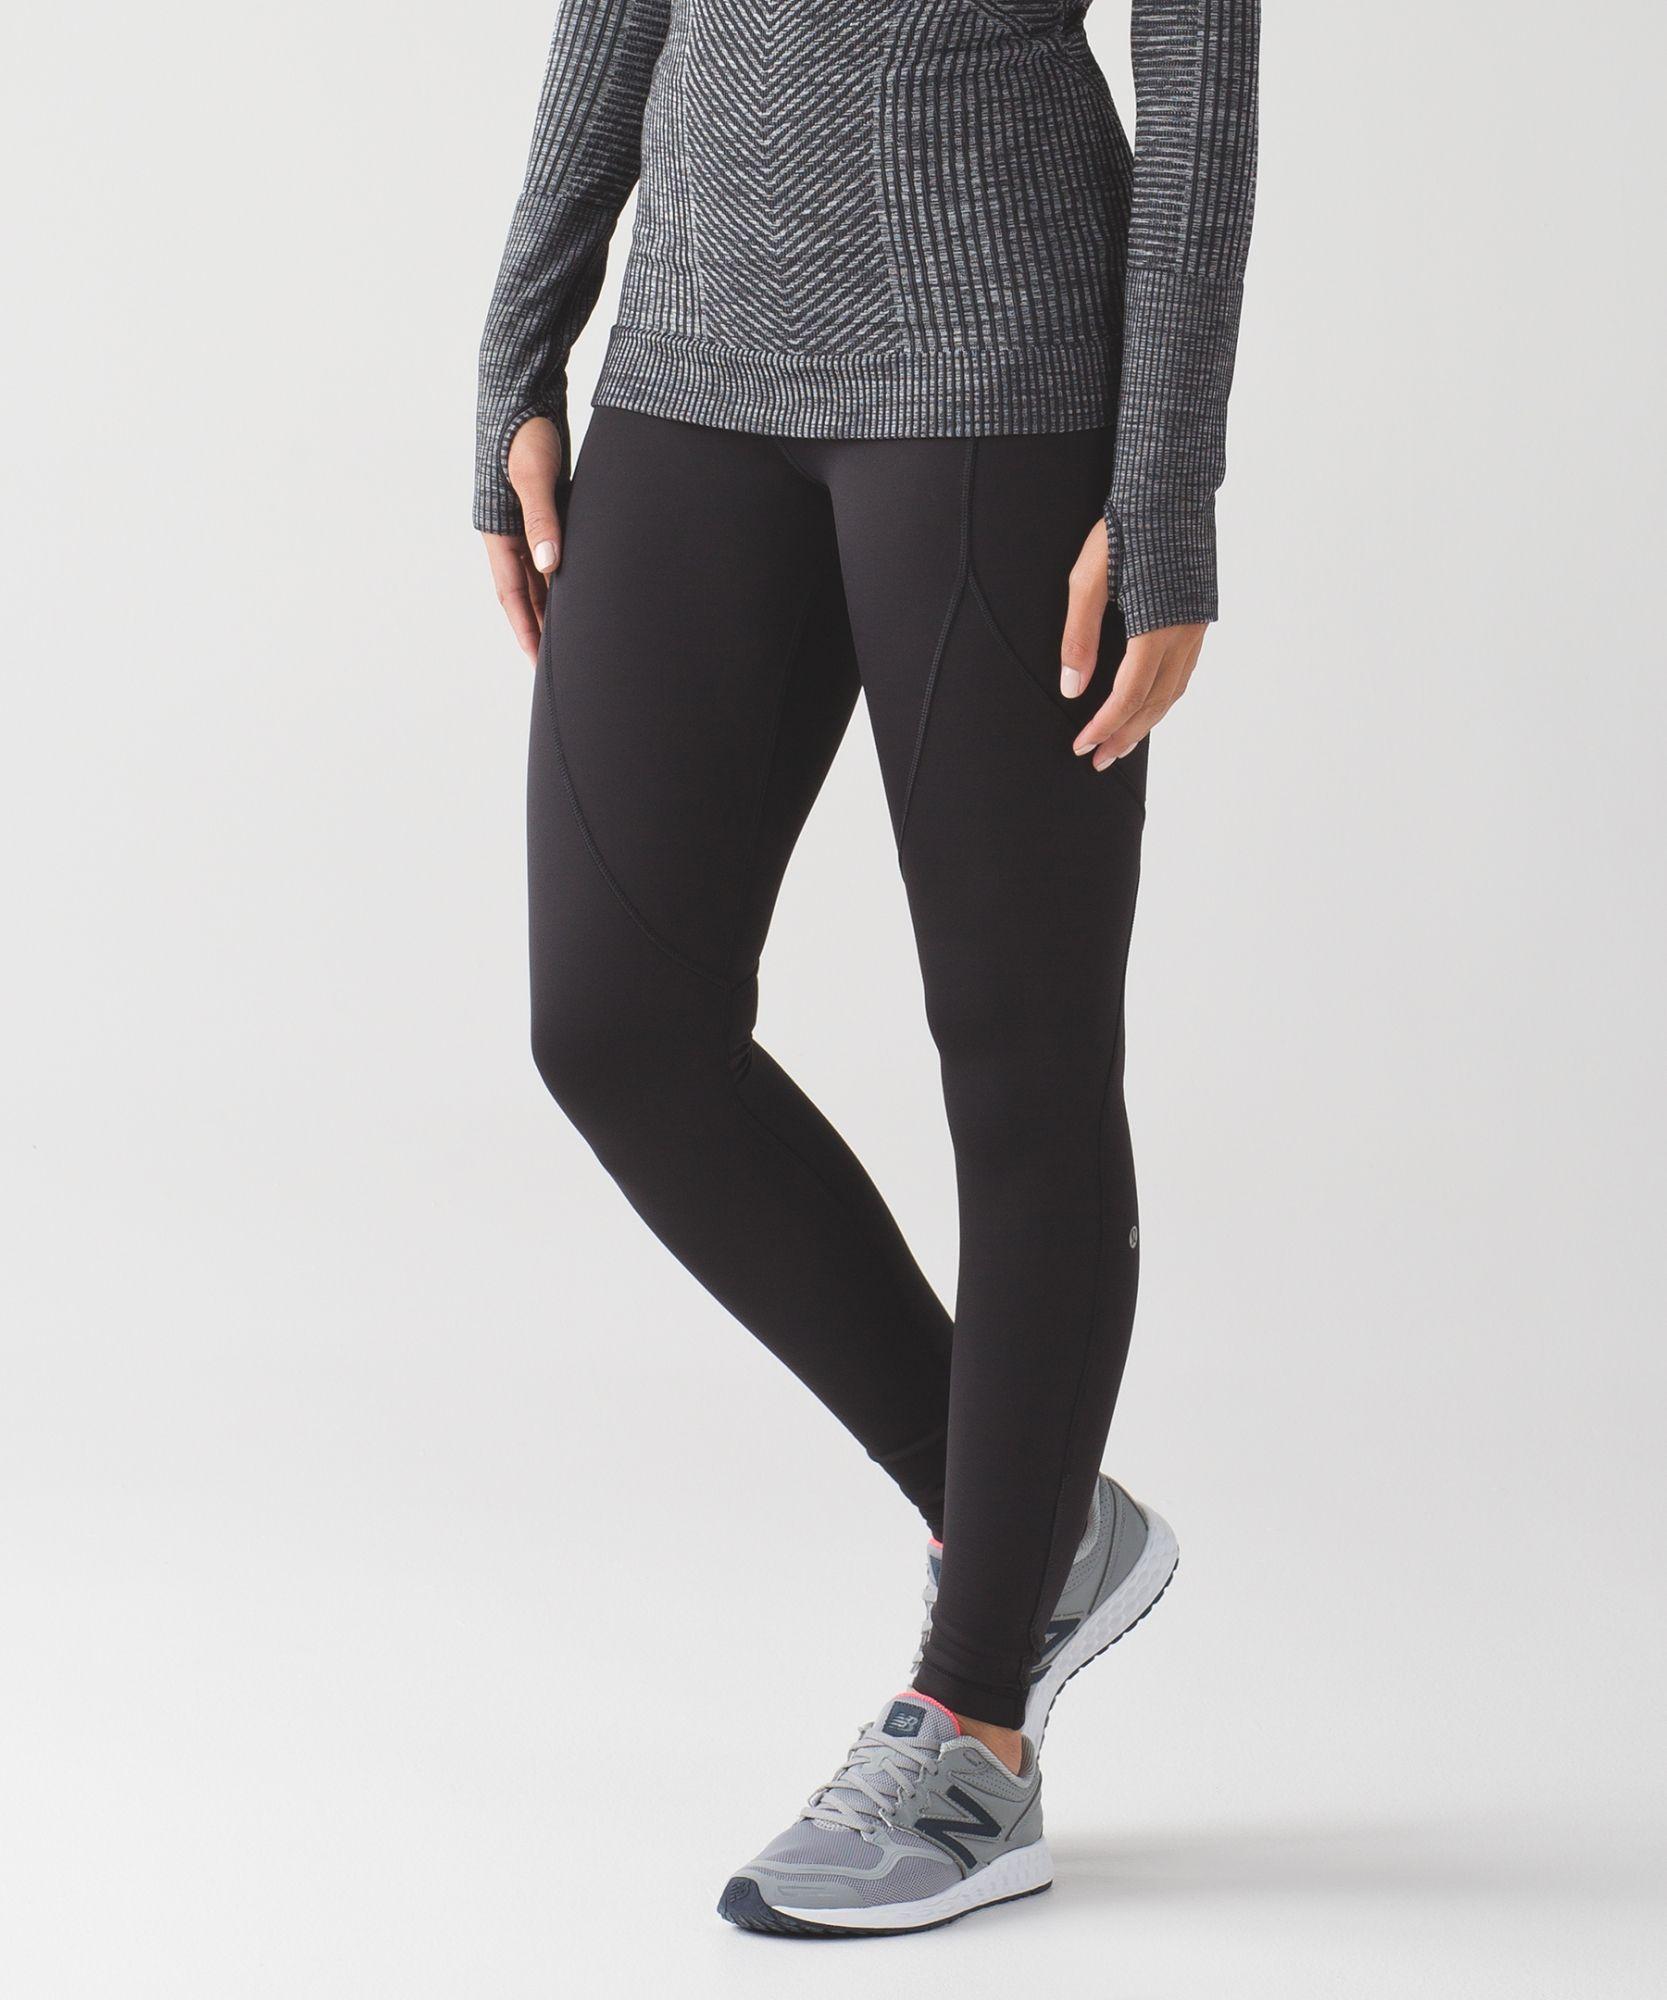 6adeef7caa9b Women s Running Tights - (Black